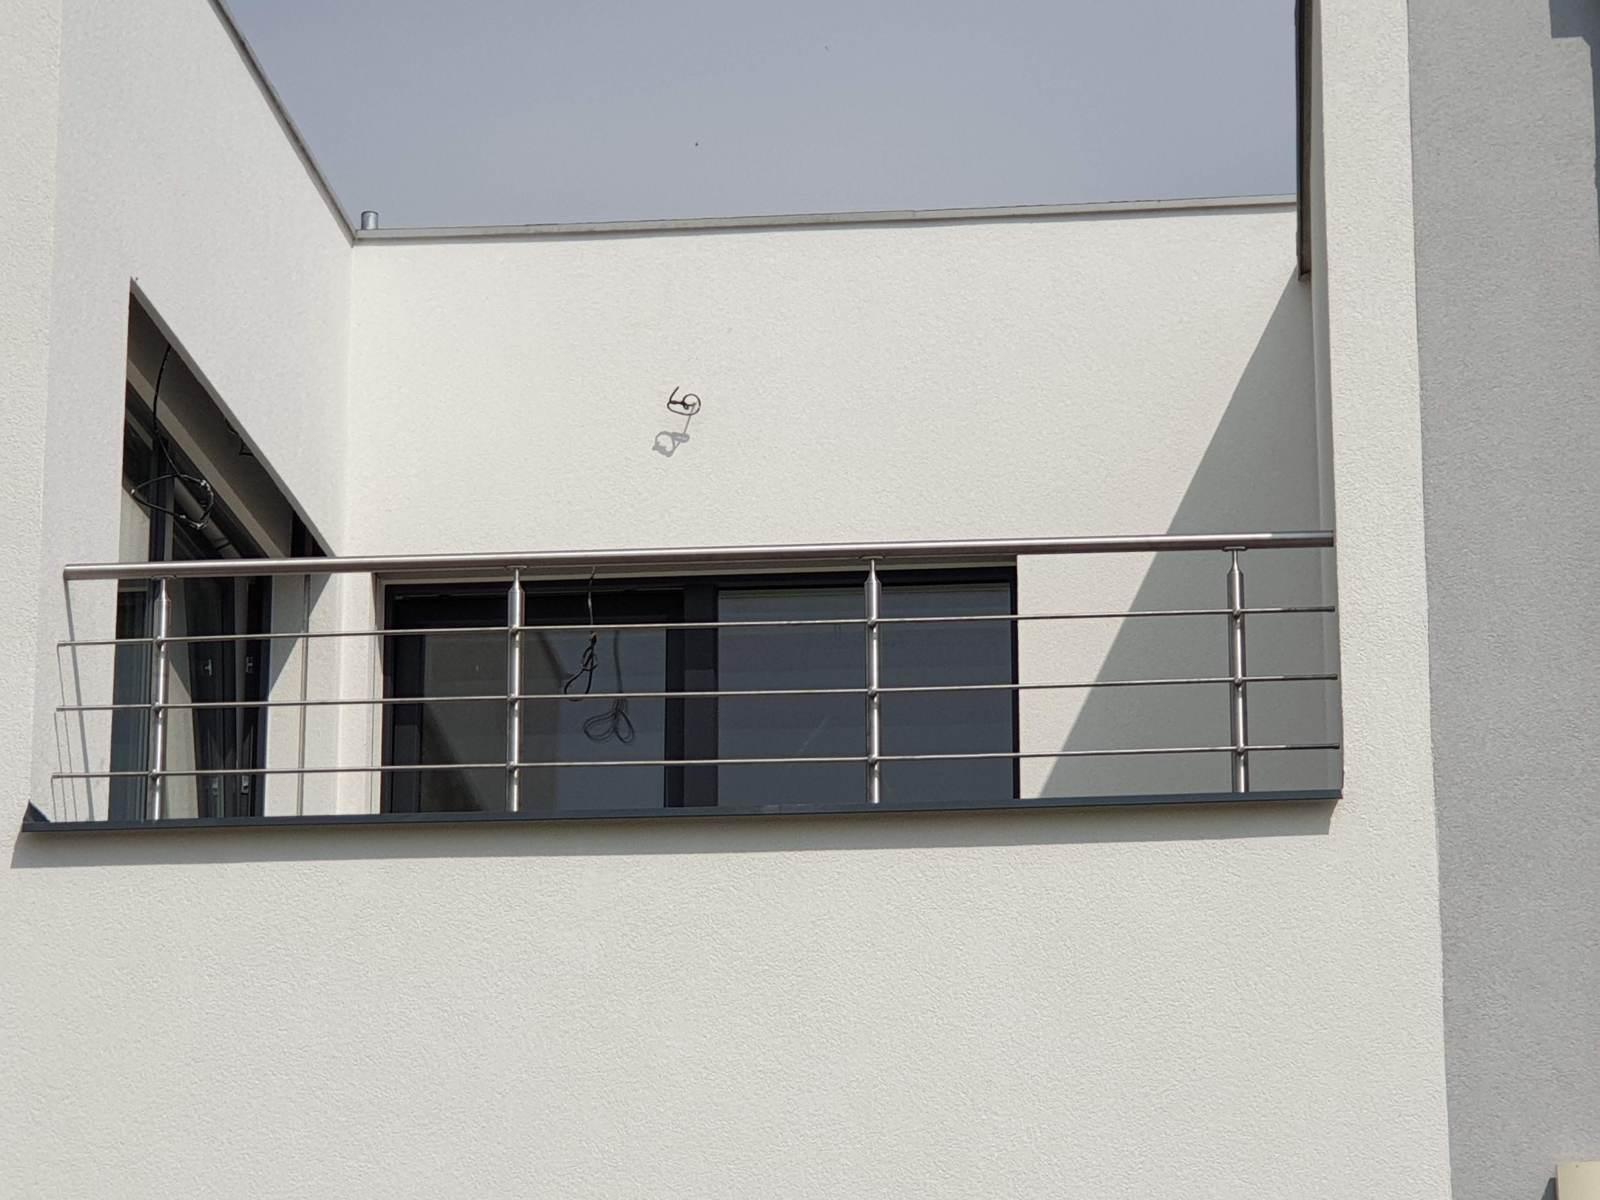 Na fotografii vidíte nerezové zábradlí na rodinném domu, konkrétně balkonové zábradlí nového rodinného domu. Jsme Zámečnictví Nováček s.r.o., specialisté na kovovýrobu, zámečnictví a ocelové konstrukce